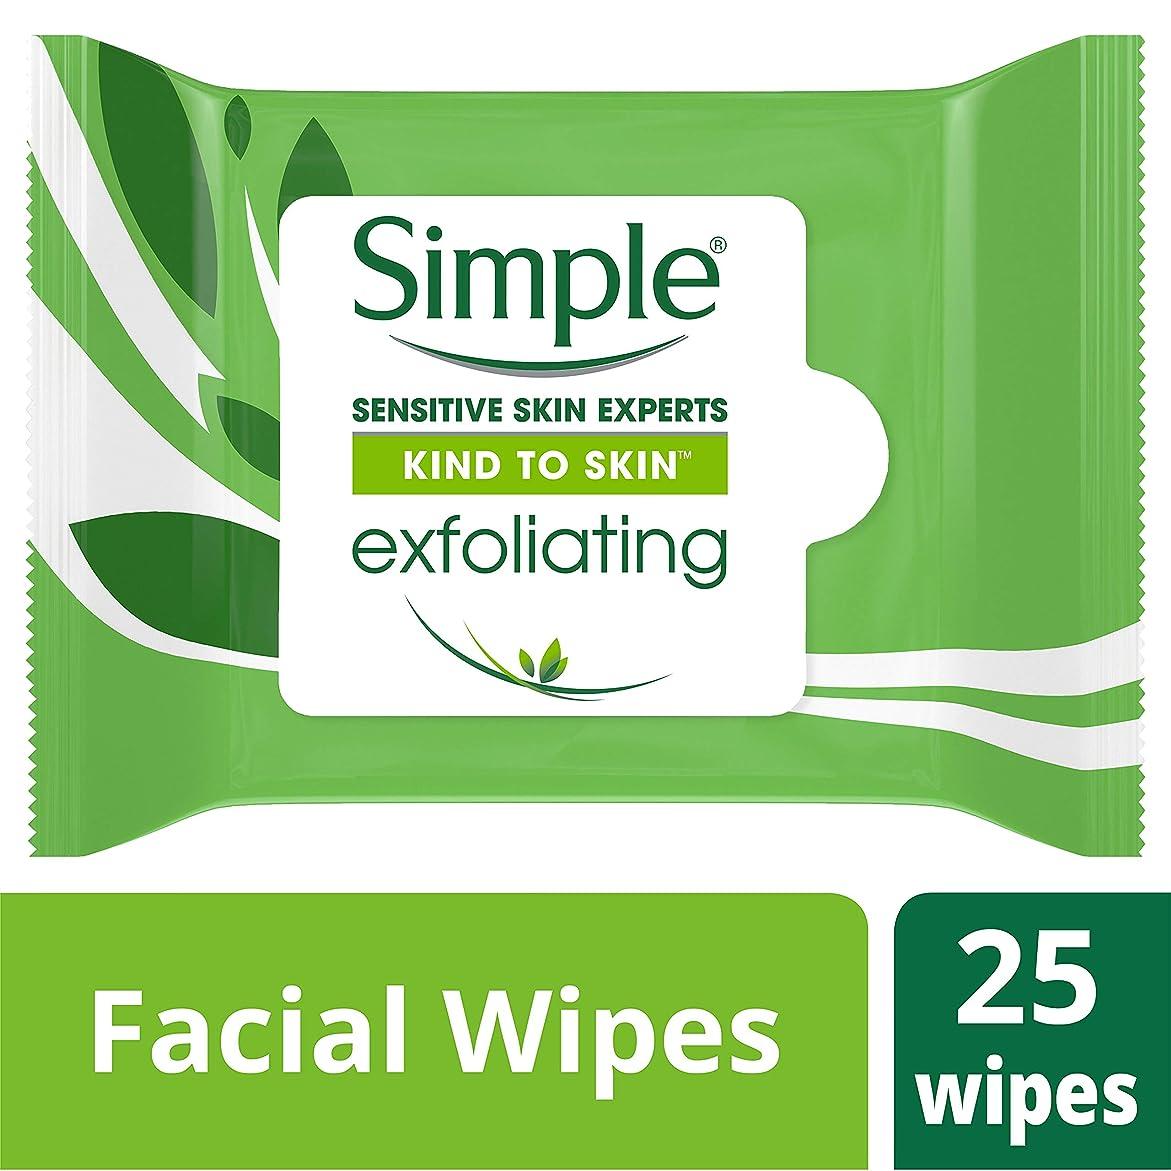 割り当てる肉腫時系列Simple 25のCtを剥離皮膚に顔のワイプ、カインド 25カウント ワイプ、エクスフォリエイティング